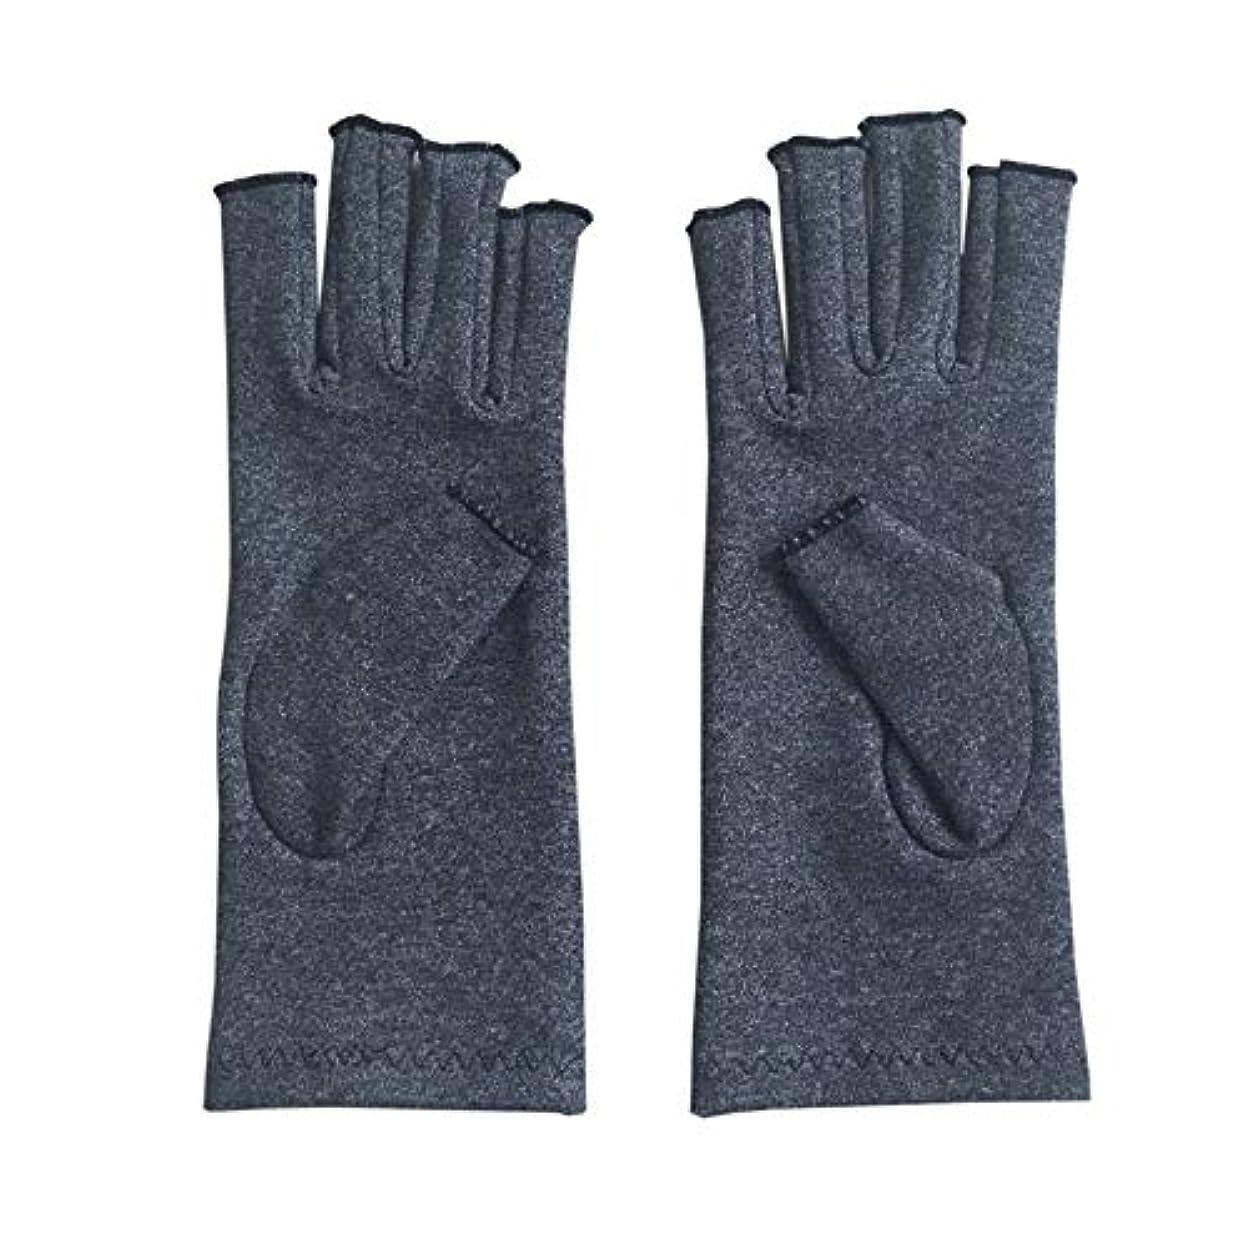 ポータル寛容な処方ペア/セット快適な男性女性療法圧縮手袋無地通気性関節炎関節痛緩和手袋